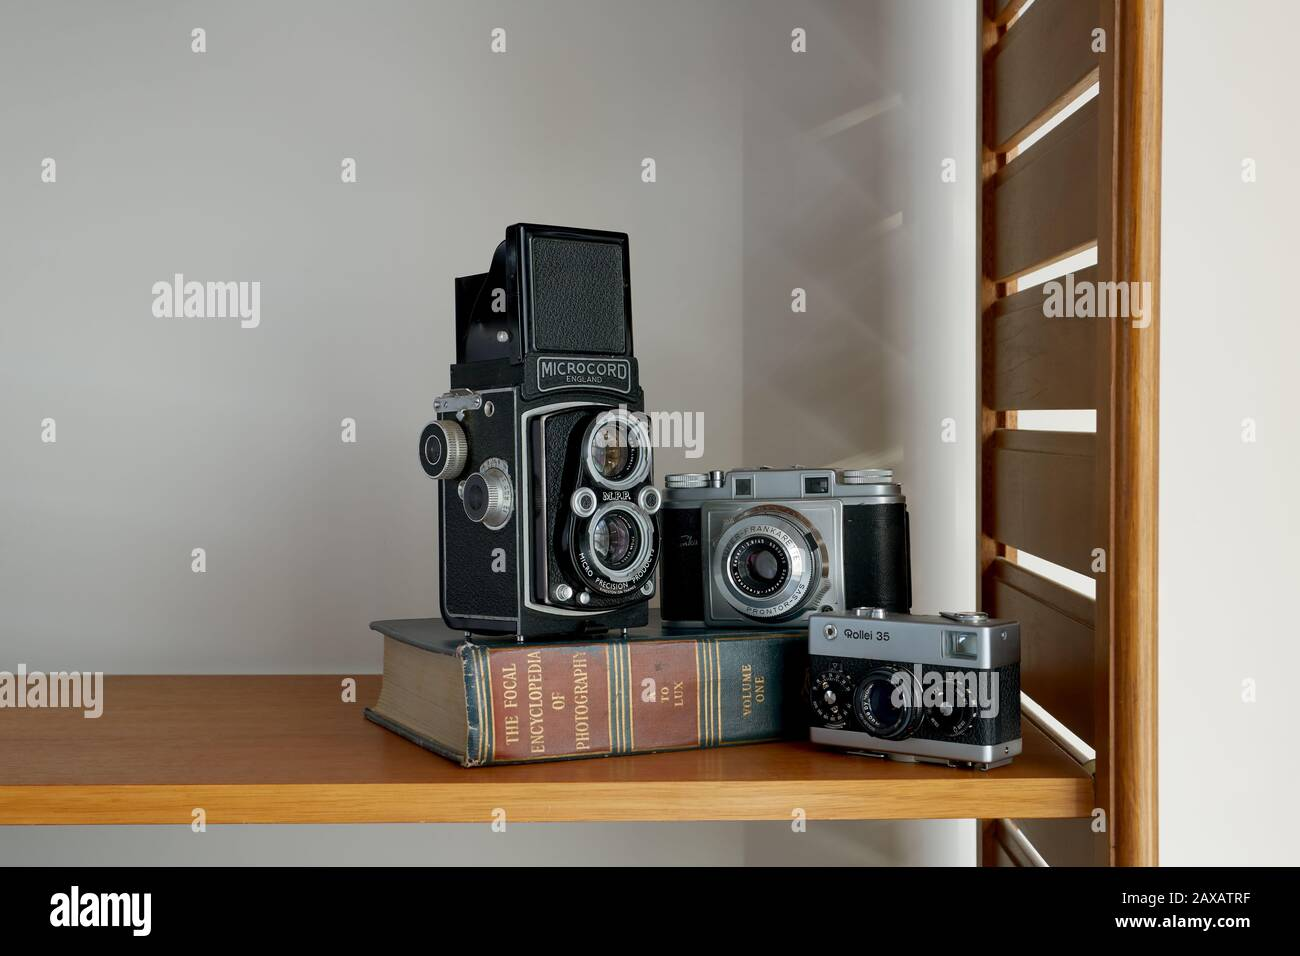 Ein Foto von drei Vintage-Kameras und ein Vintage-Fotobuch auf einem Regal. Stockfoto